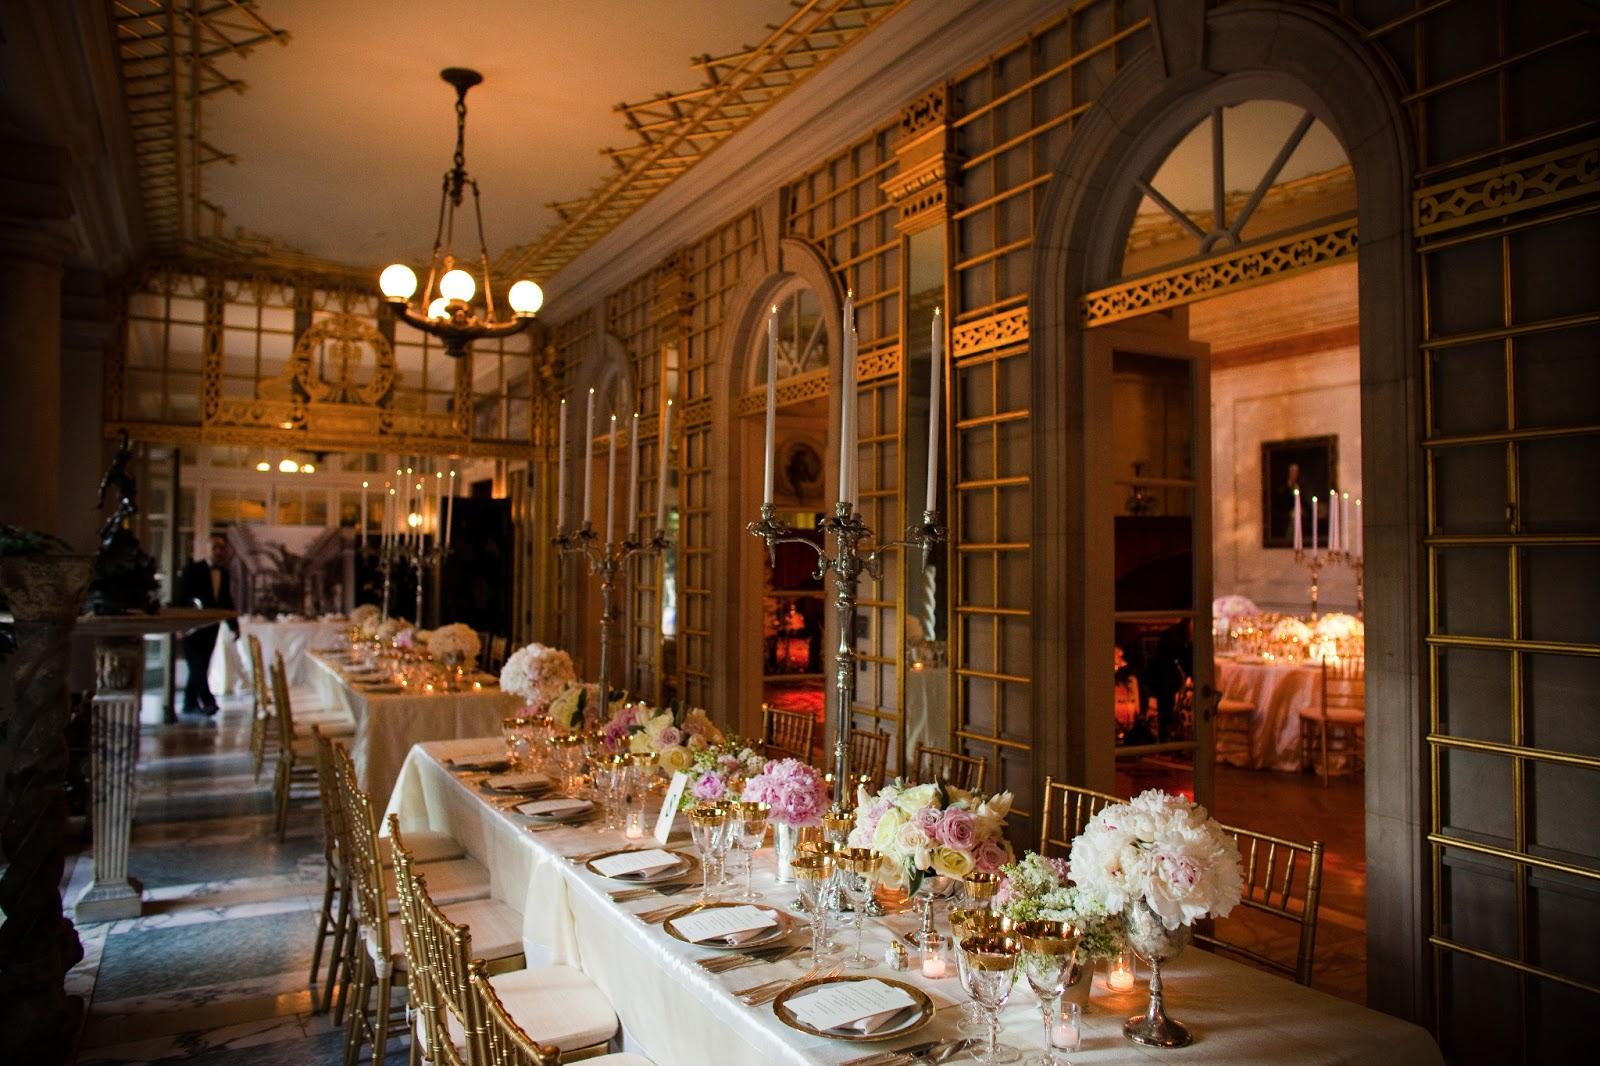 bridal bubbly dc wedding venues historic homes